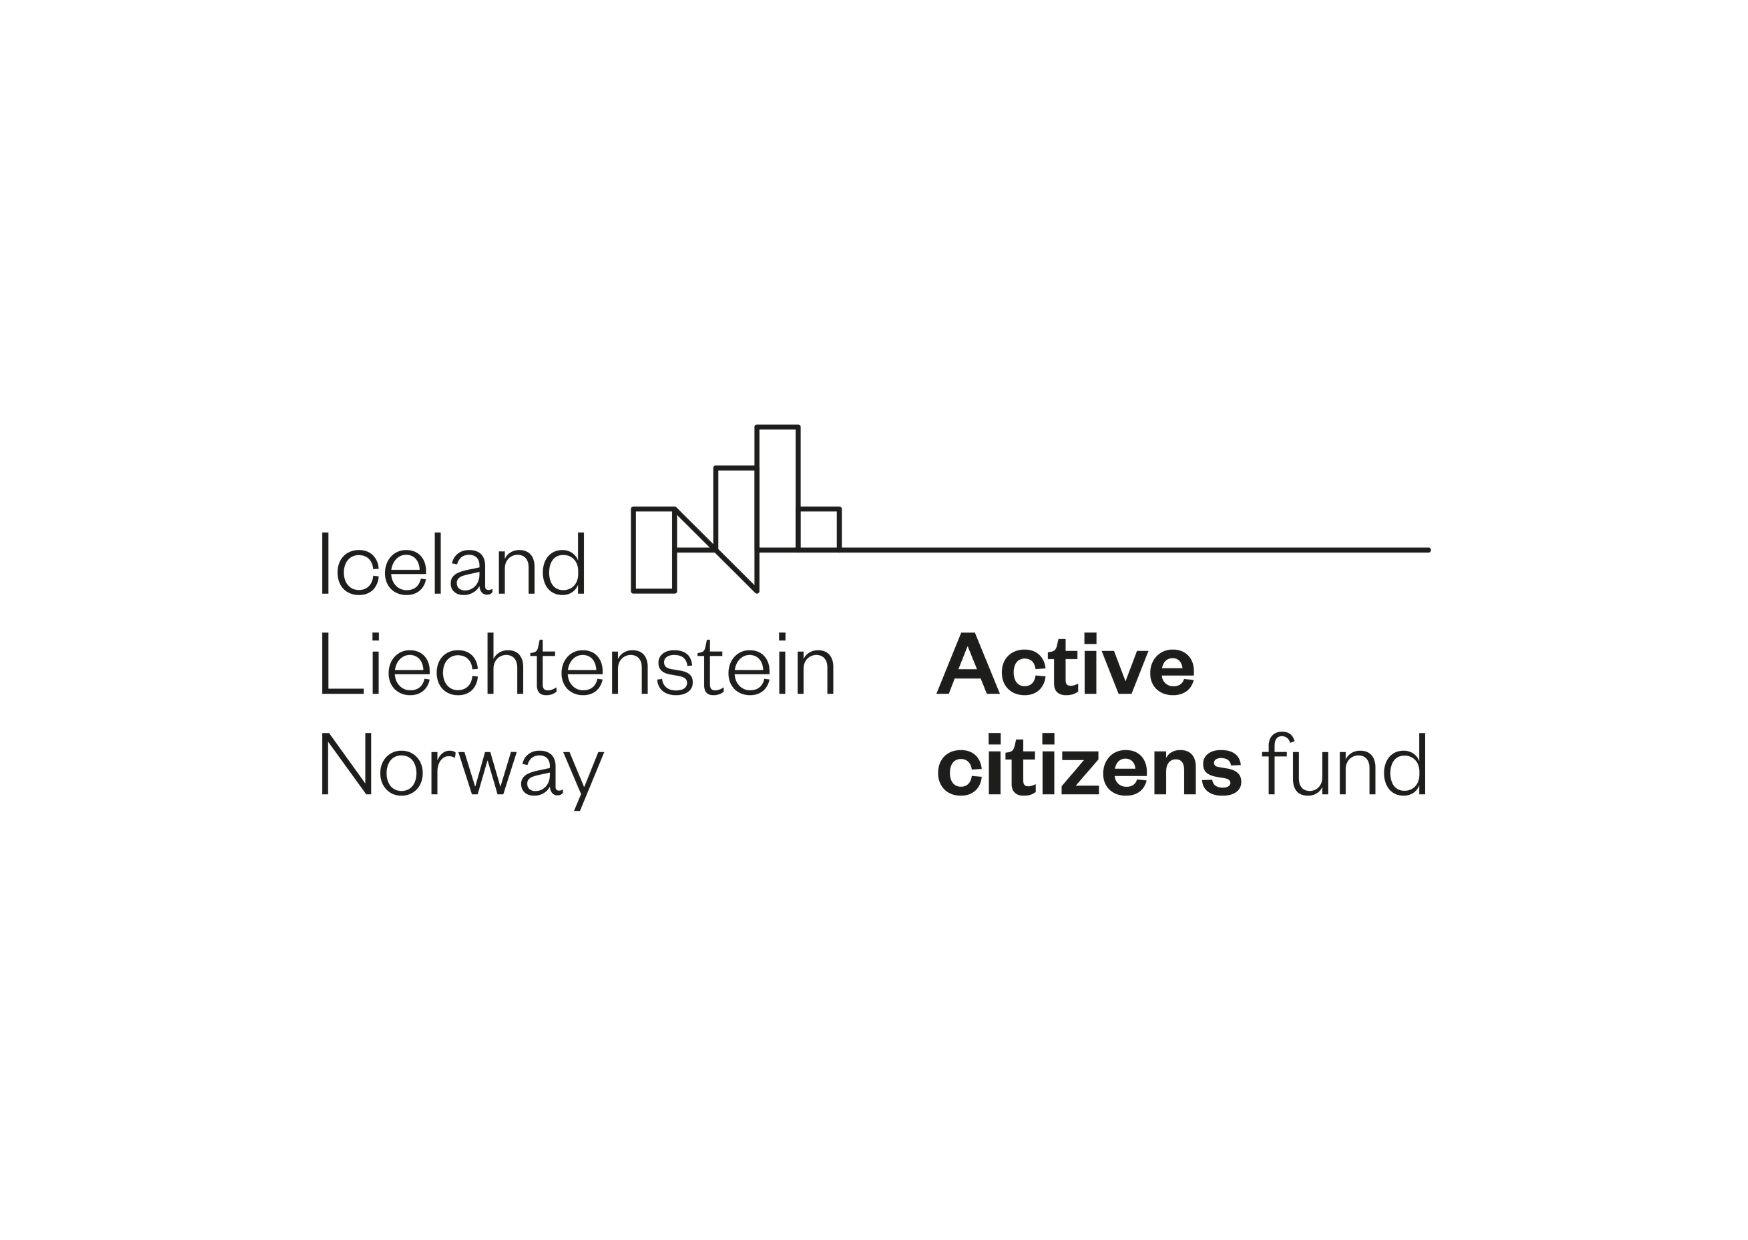 """Bīdreiba """"LgSC"""" sajāmuse Aktivūs īdzeivuotuoju fonda atbolstu organizacejis kapacitatis styprynuošonai"""